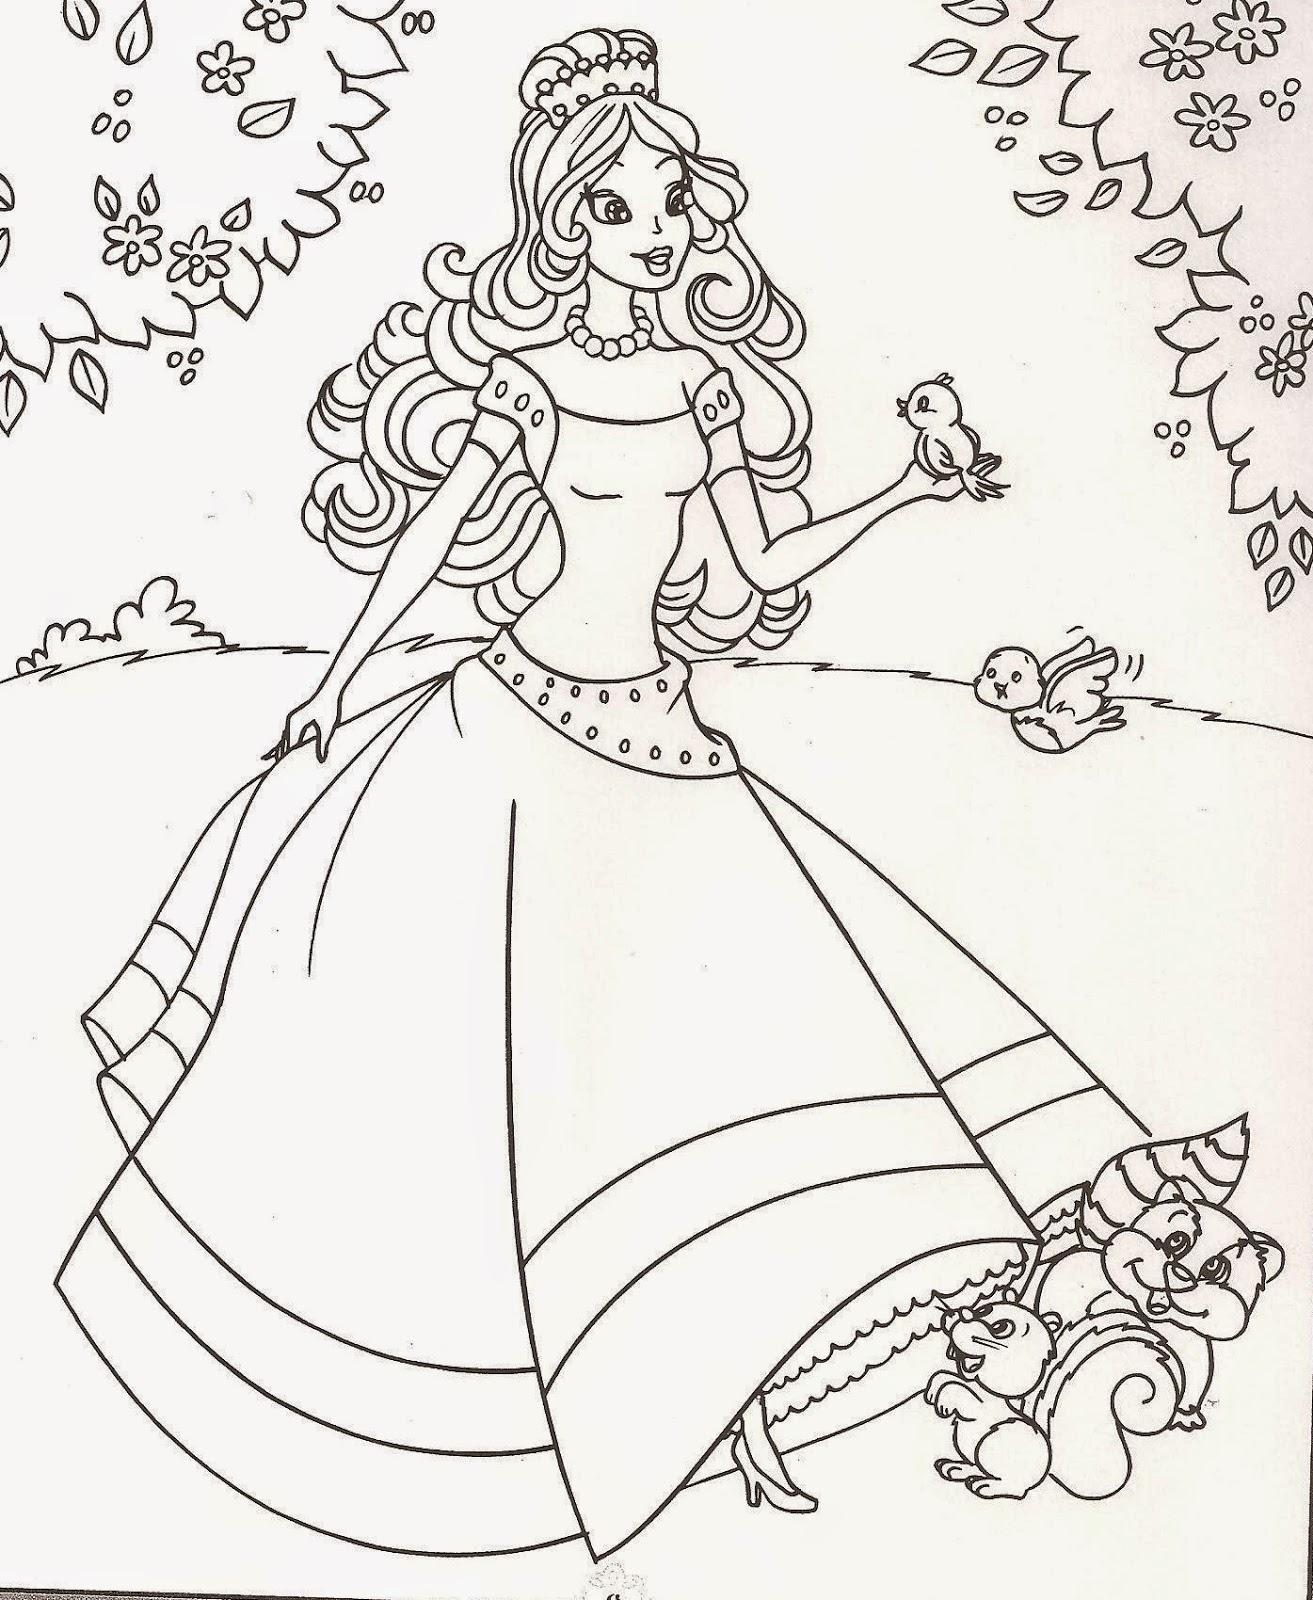 Princesas Para Colorir E Imprimir Muito Facil Colorir E Pintar